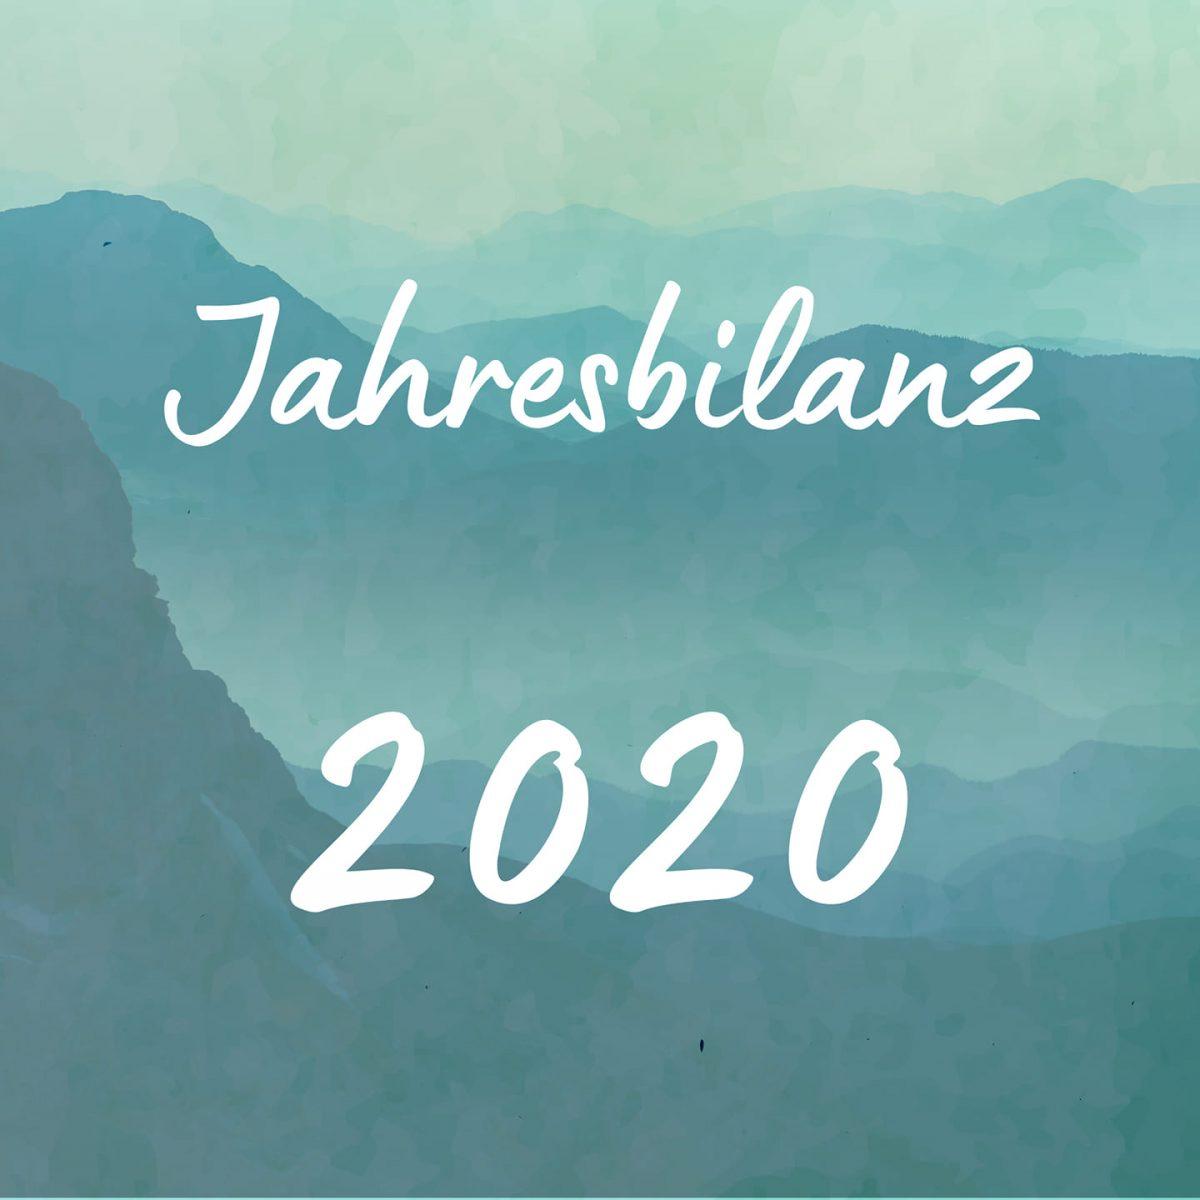 Jahresbilanz 2020